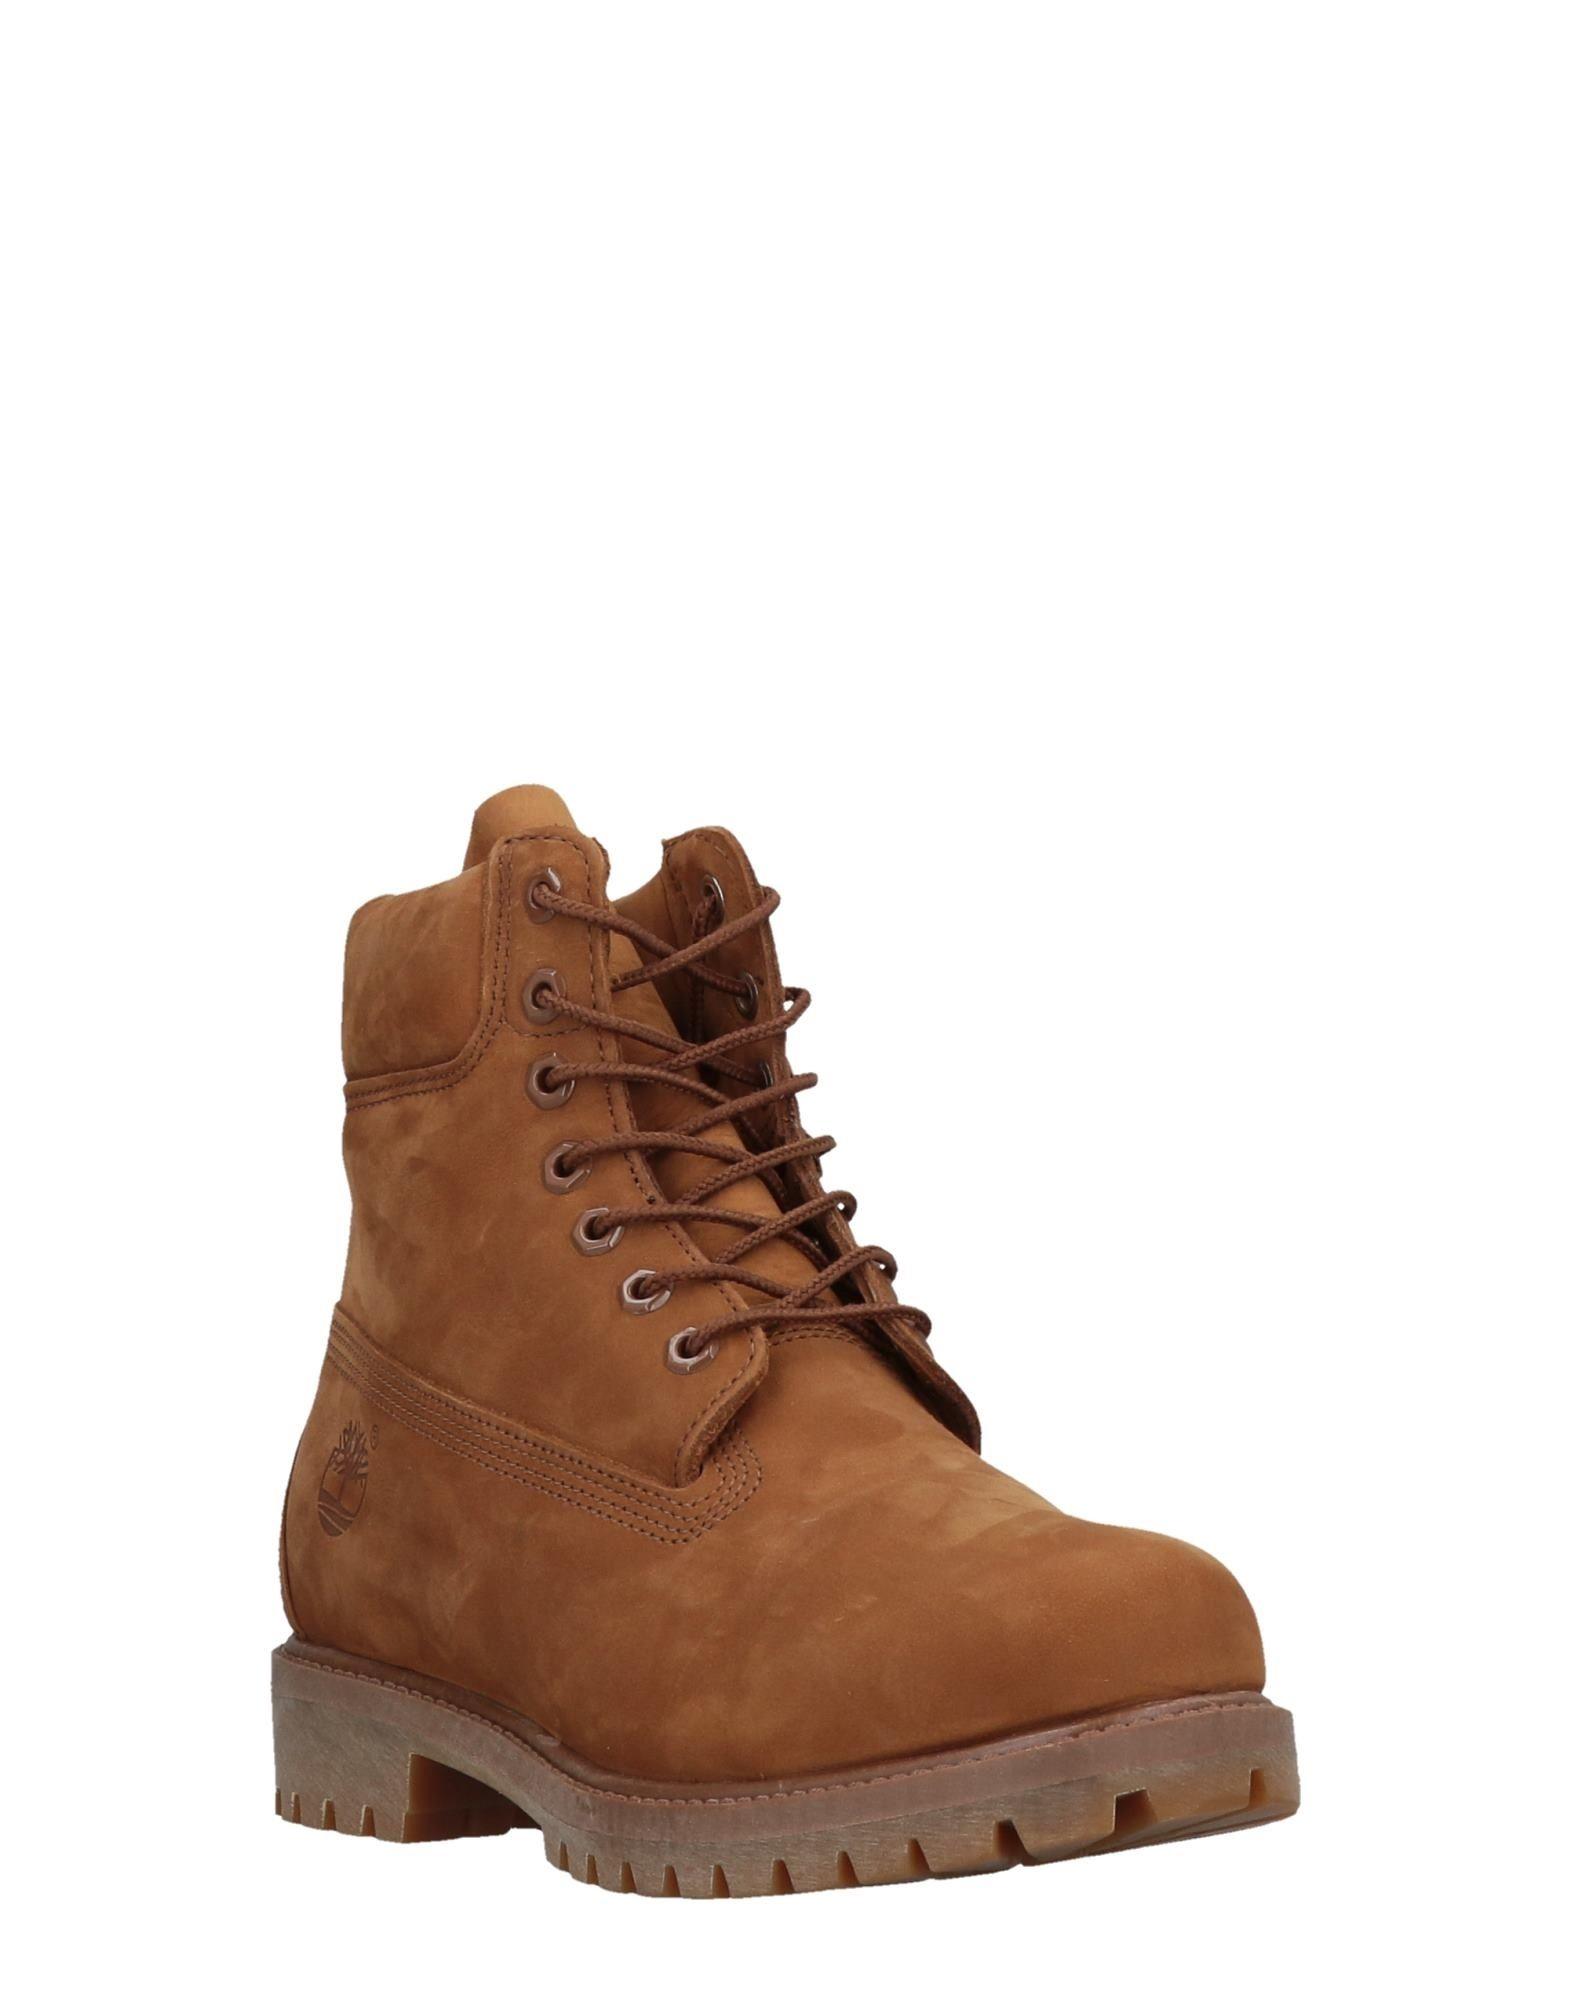 Timberland Stiefelette Herren Qualität  11512376XP Gute Qualität Herren beliebte Schuhe 05af4a